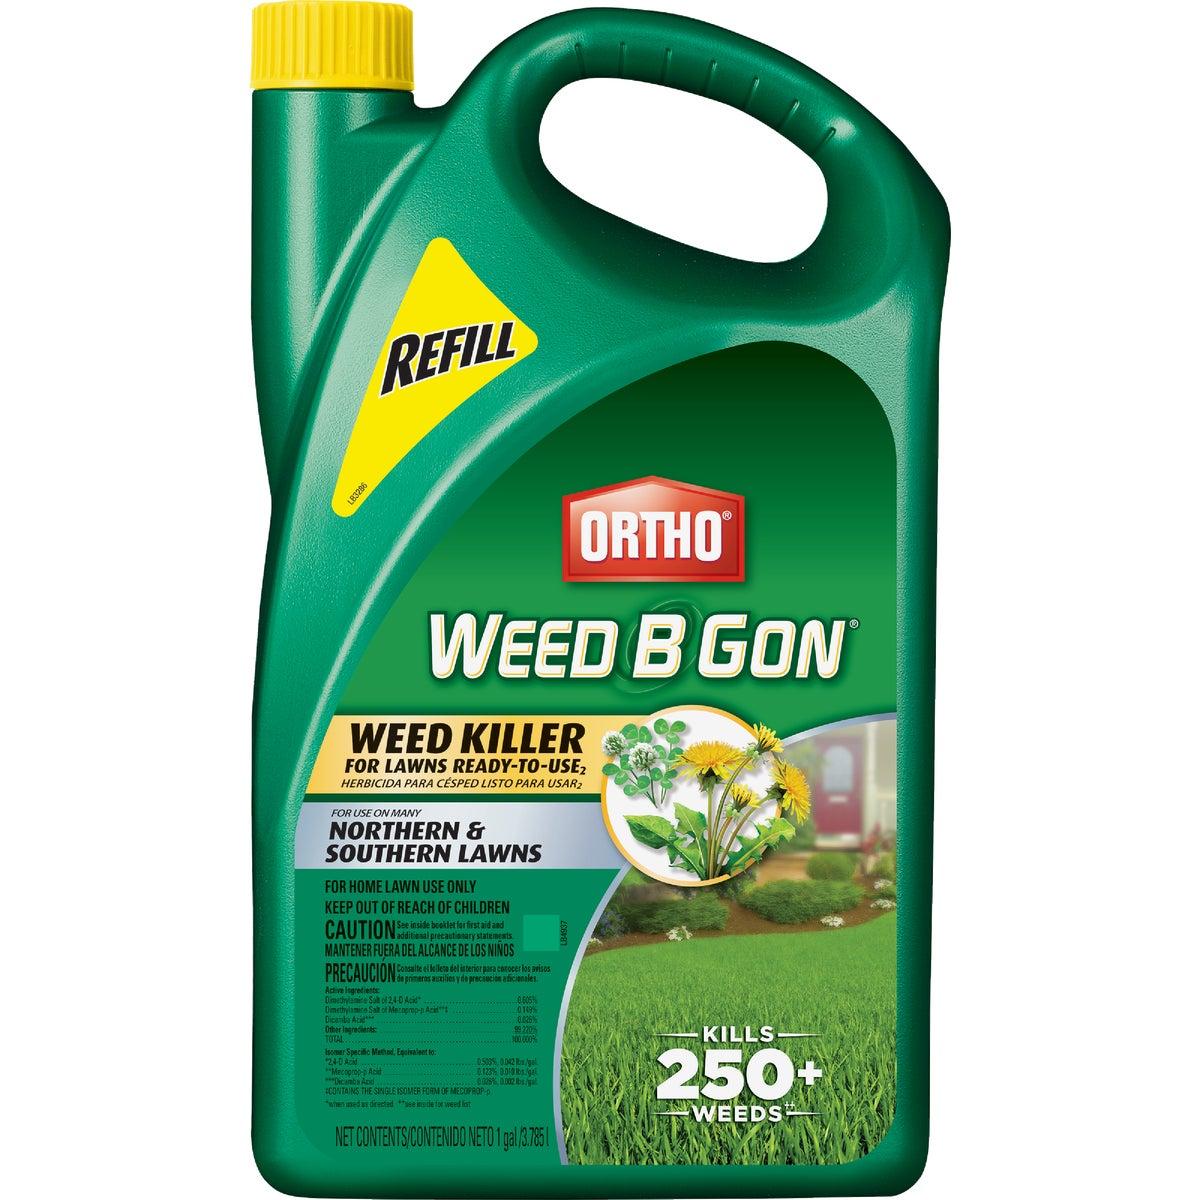 1.33GAL REFIL WEED B GON